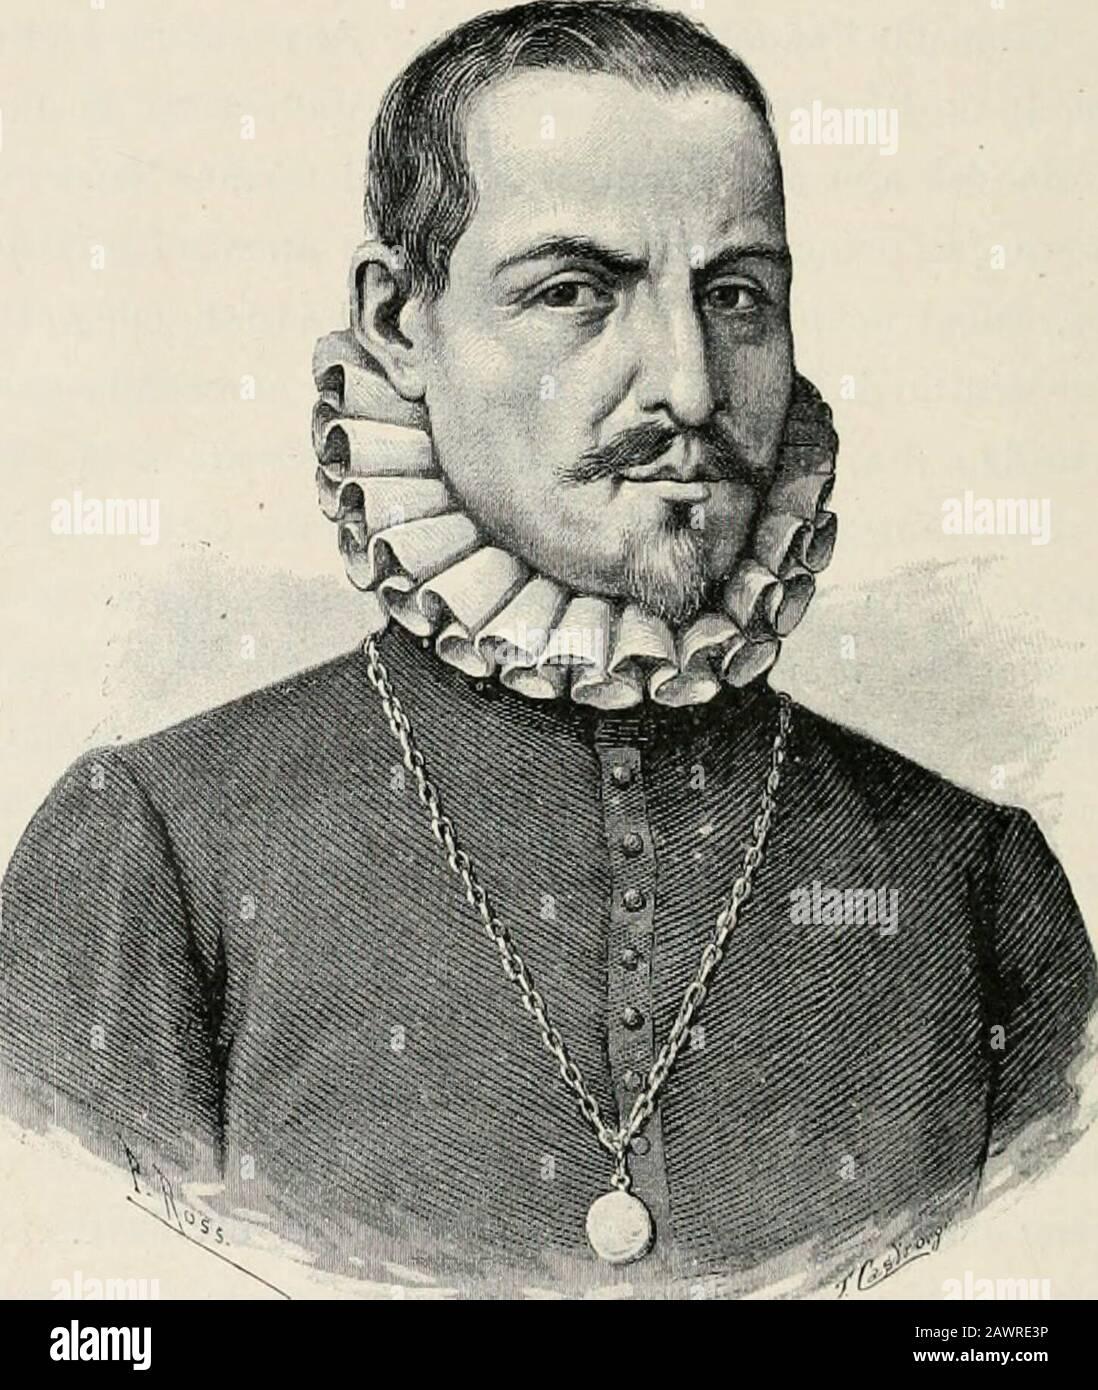 Cristóbal Cólon : su vida, sus viajes, sus descubrimientos . LXVI CRISTÓBAL COLÓN í=í=V .*• V , ?—íf ,s^ mz . r> m- -*- ^. ^/i nador de la provocia de Cartagena, 5 alcalde del fuerte deSanto Domingo, habiendo ocho veces pasado el grande Occcauo,murió en Valladolid en 1557. Aunque á Herrera, como cronista maire de Indias,se le facilitaron todos los documentos que existían en losarchivos oficiales, su obra, en lo relativo al descubrimiento. ANTONIO DE HERRERA ^.-V. T- j^V^.Ji. 3^ á la vida de Cristóbal Colón, es una mera ampliacion delo dicho por fray Bartolomé de Las Casas, á que Banque D'Images